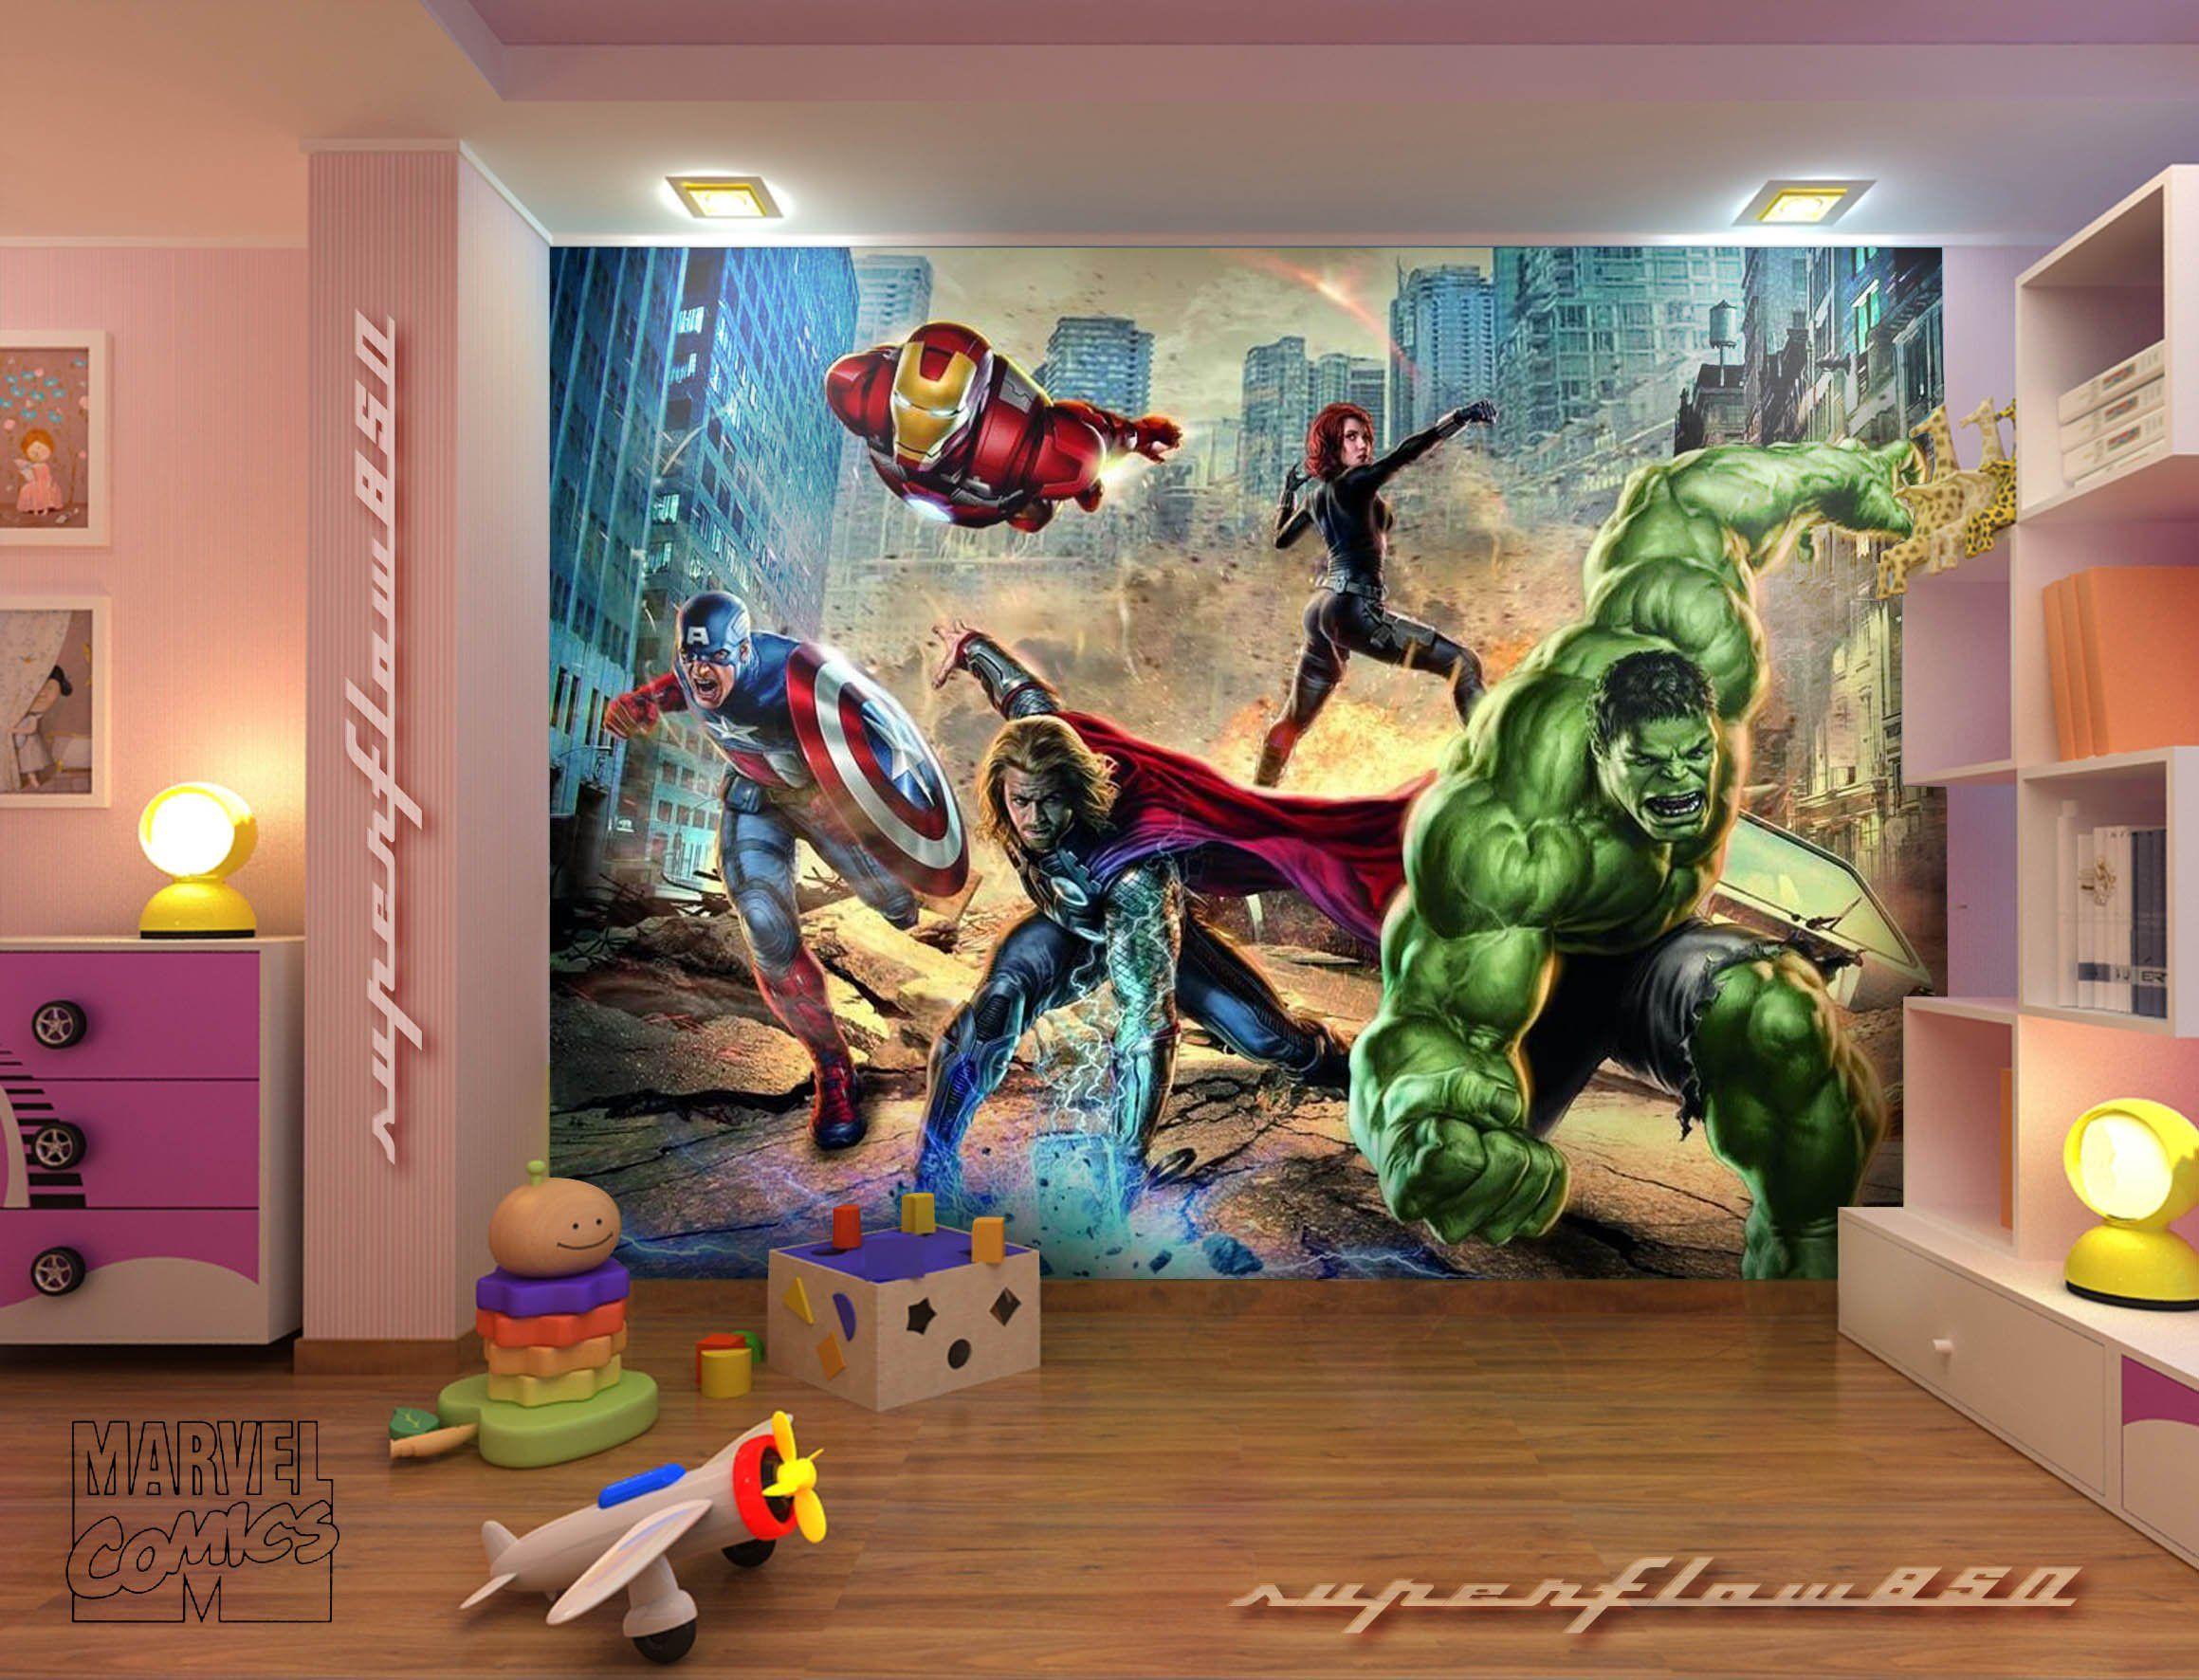 Dc Superhero Girls Bedroom Wallpaper Avengers Street Rage Marvel Photo Wallpaper Wall Mural